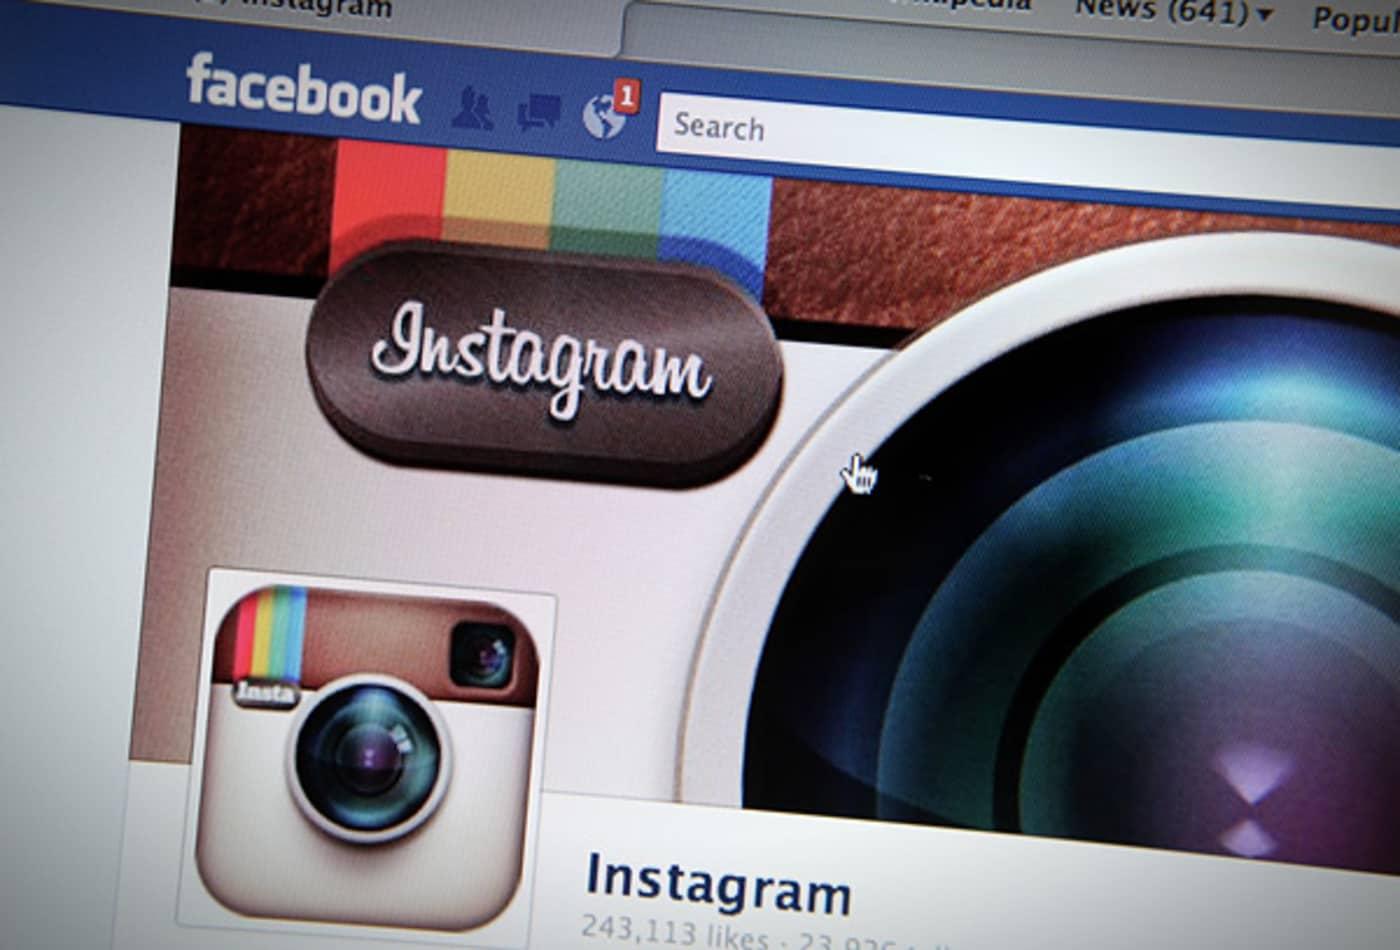 week-in-review-041312-facebook-buys-instagram.jpg